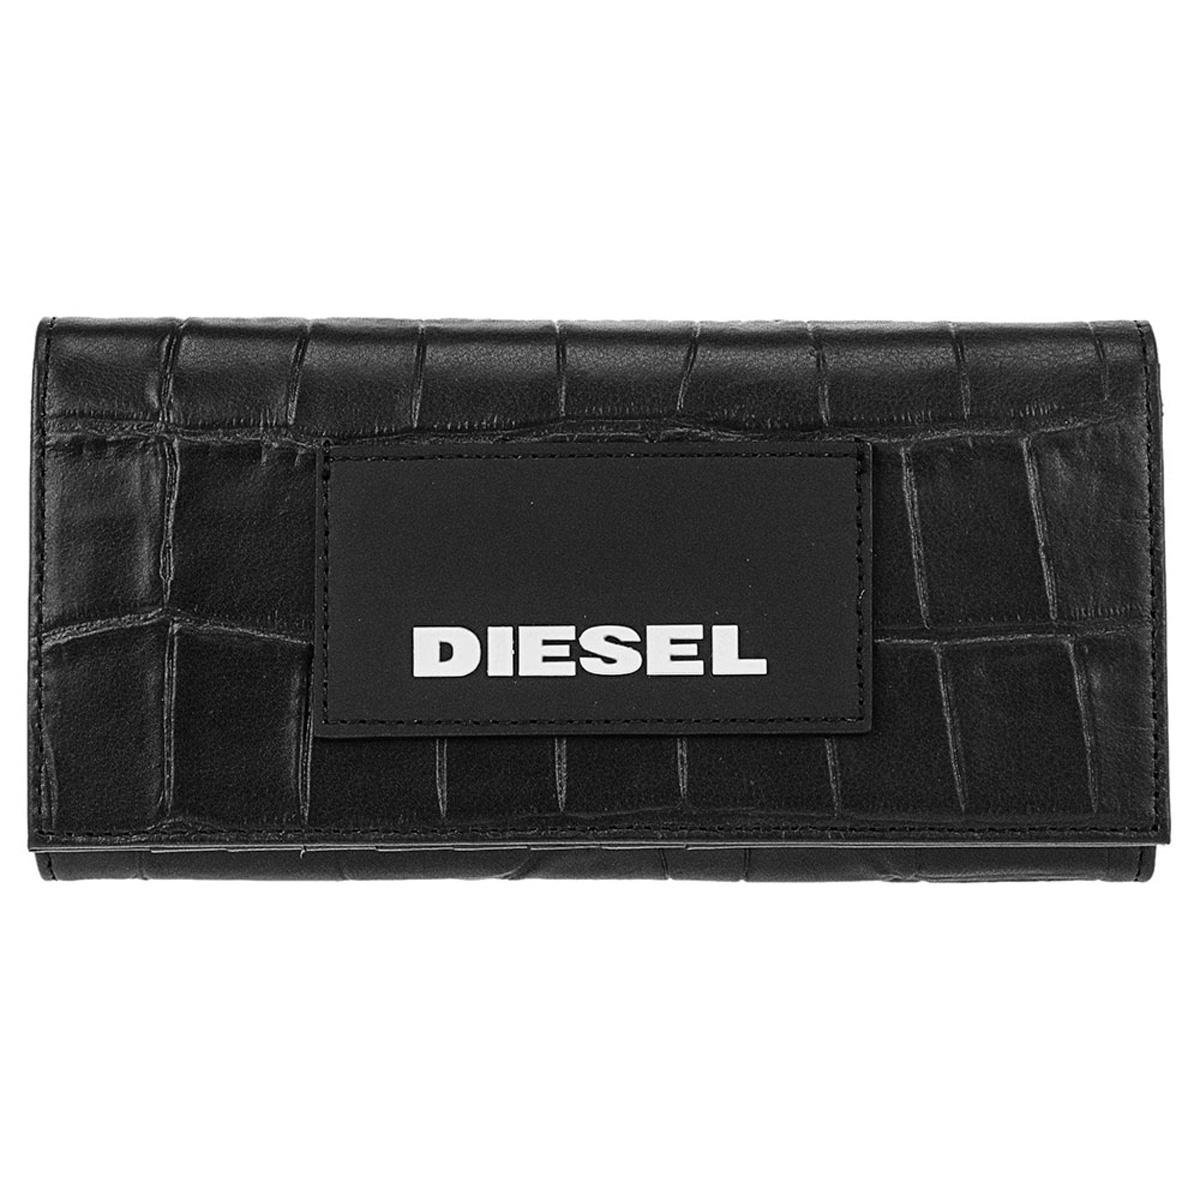 ディーゼル DIESEL 財布 X06304 P2551 T8013 小銭入れ付き フラップ 長財布 BLACK ブラック